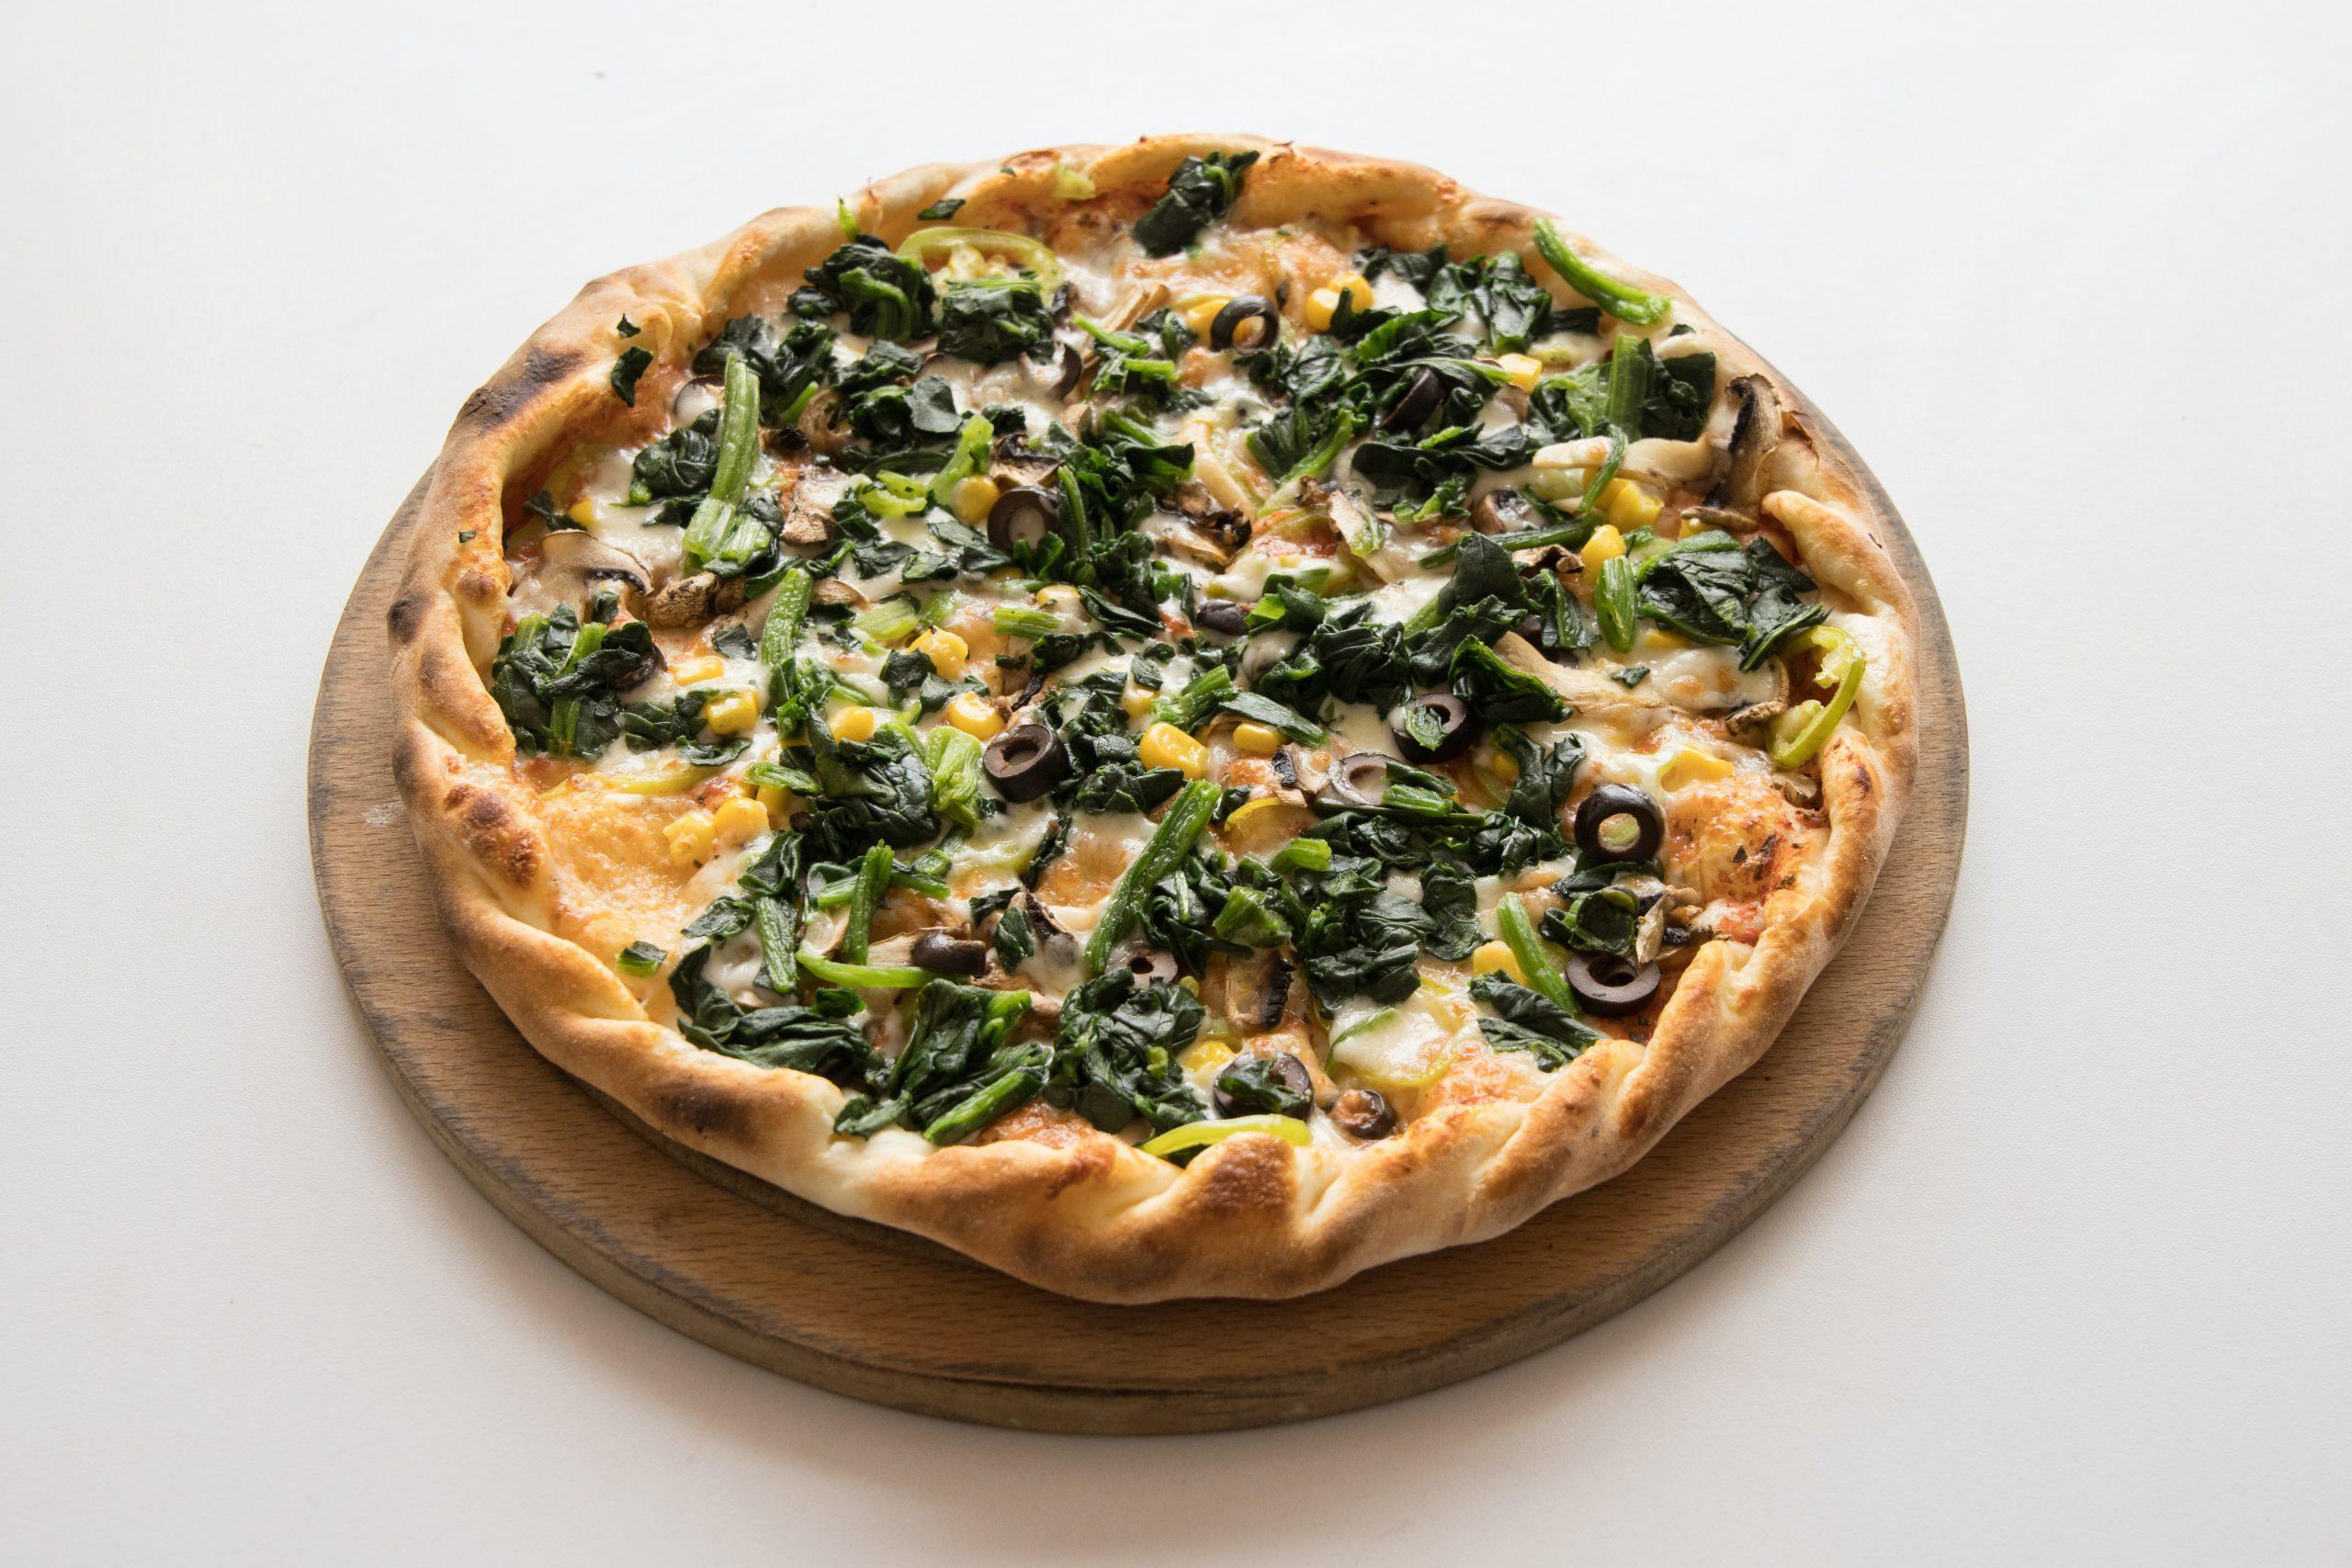 vegetarian food in Albania, vegan food in Albania, Vegetarian Dishes In Albania, vegan dishes in Albania, vegetarian pizza